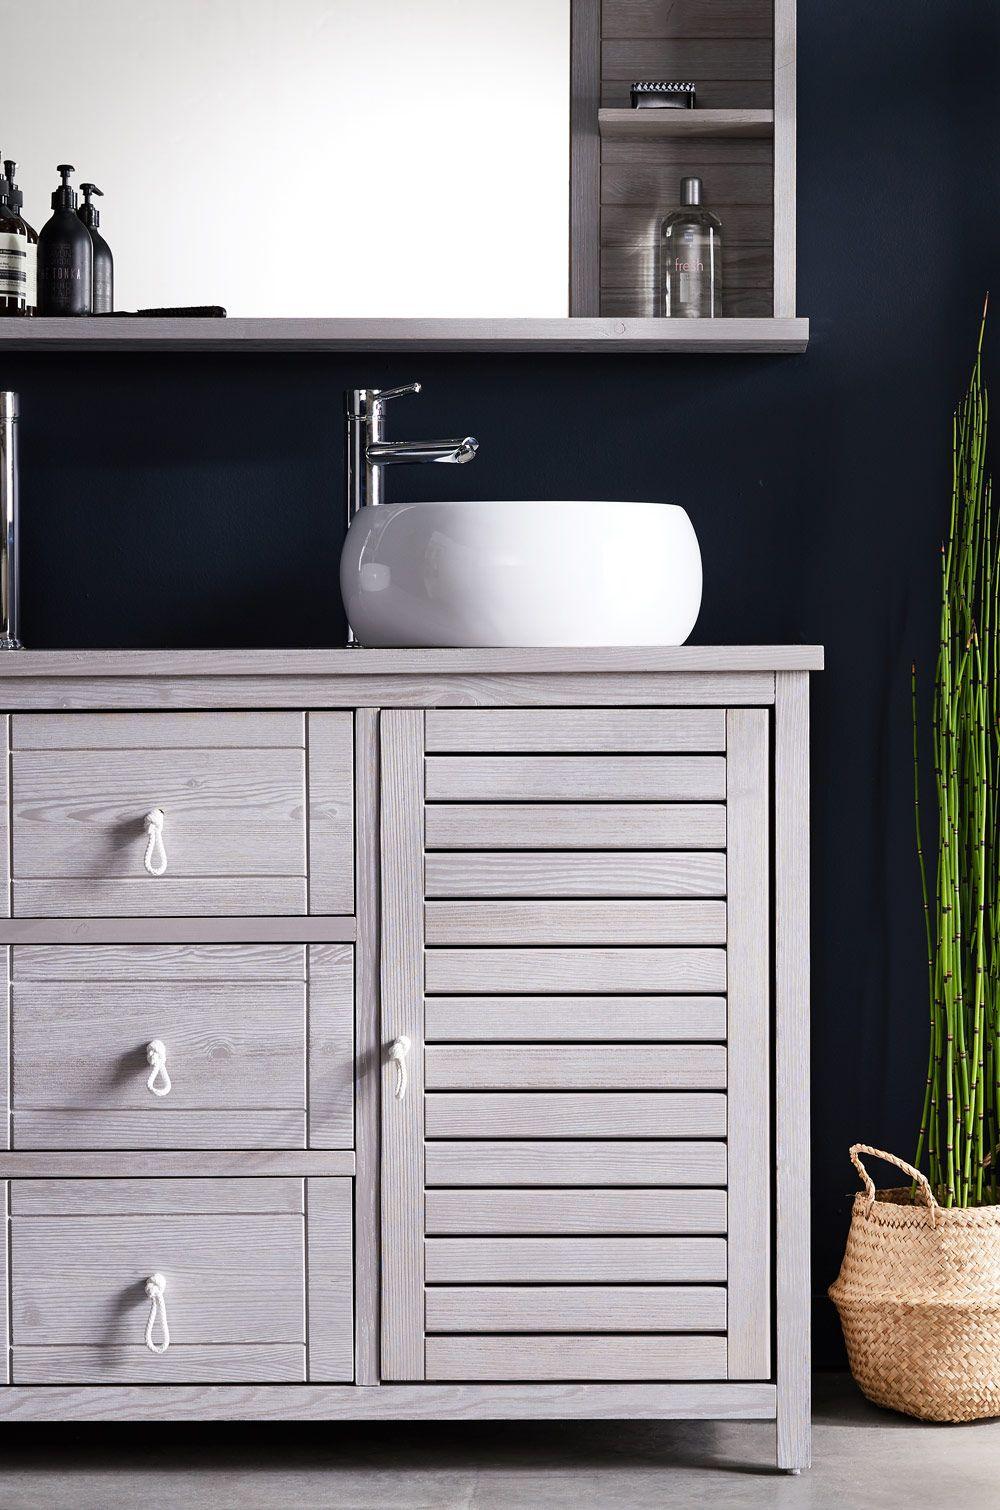 Dtu Carrelage Salle De Bain ~ marine bain miroir rectangulaire de salle de bains avec tablettes en